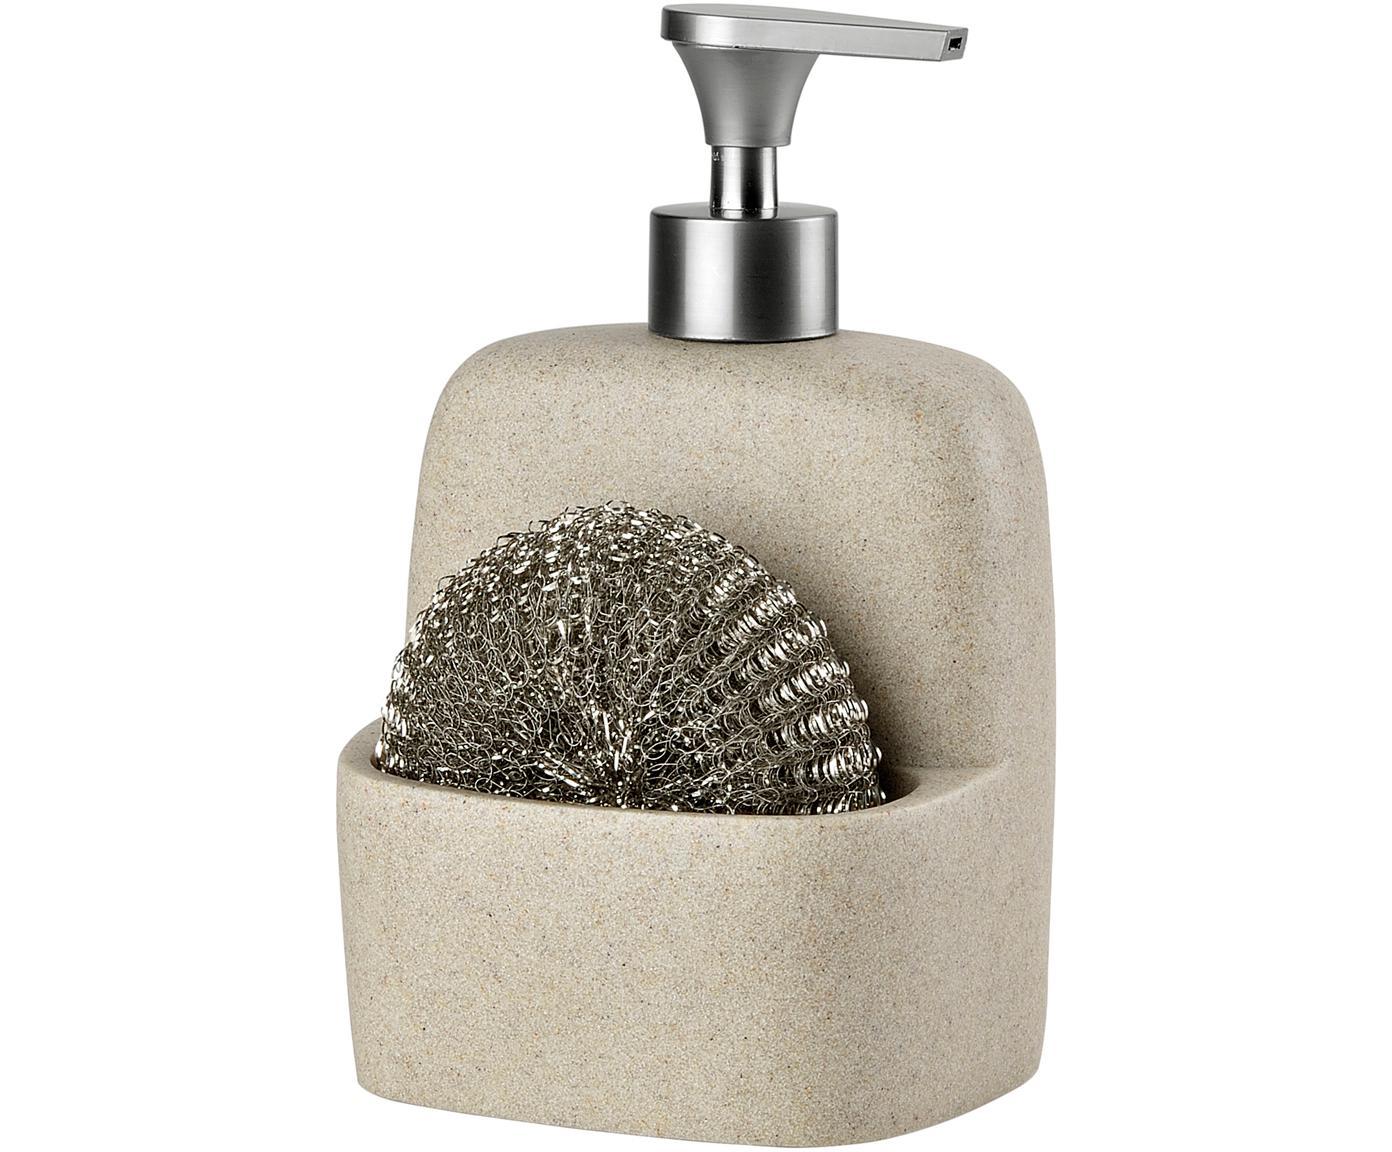 Set de dosificador de jabón Sand, 2pzas., Estropajo: metal, Beige, plateado, Ancho 11 x Alto 19 cm